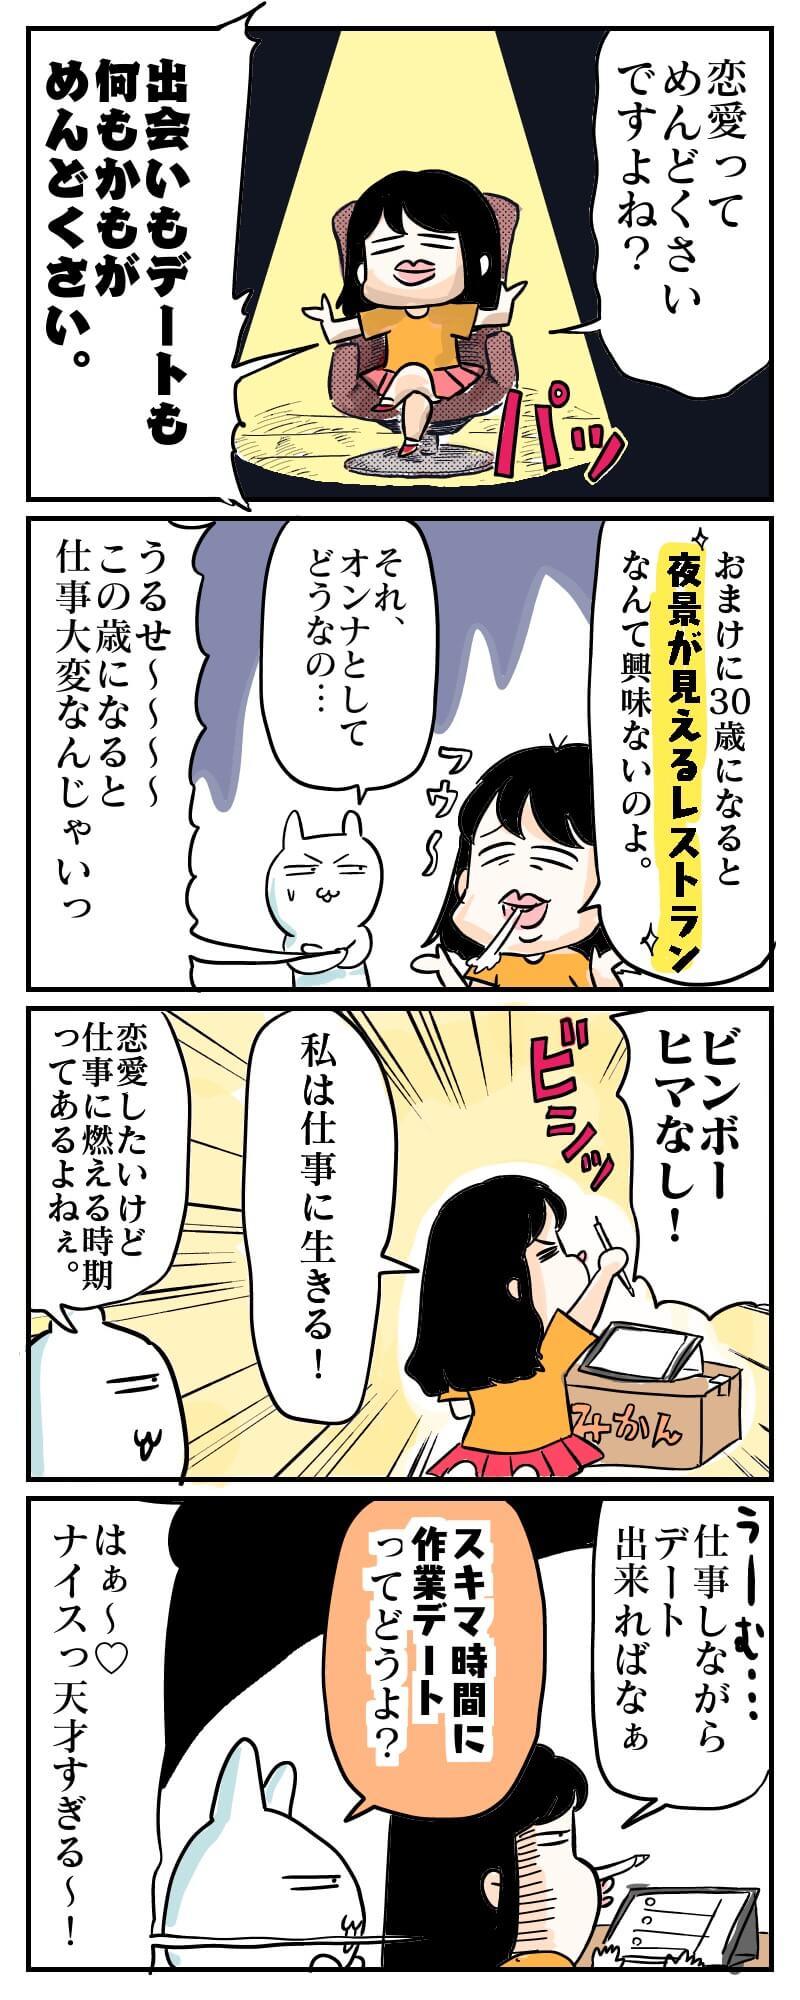 アラサーsns恋活マンガ1